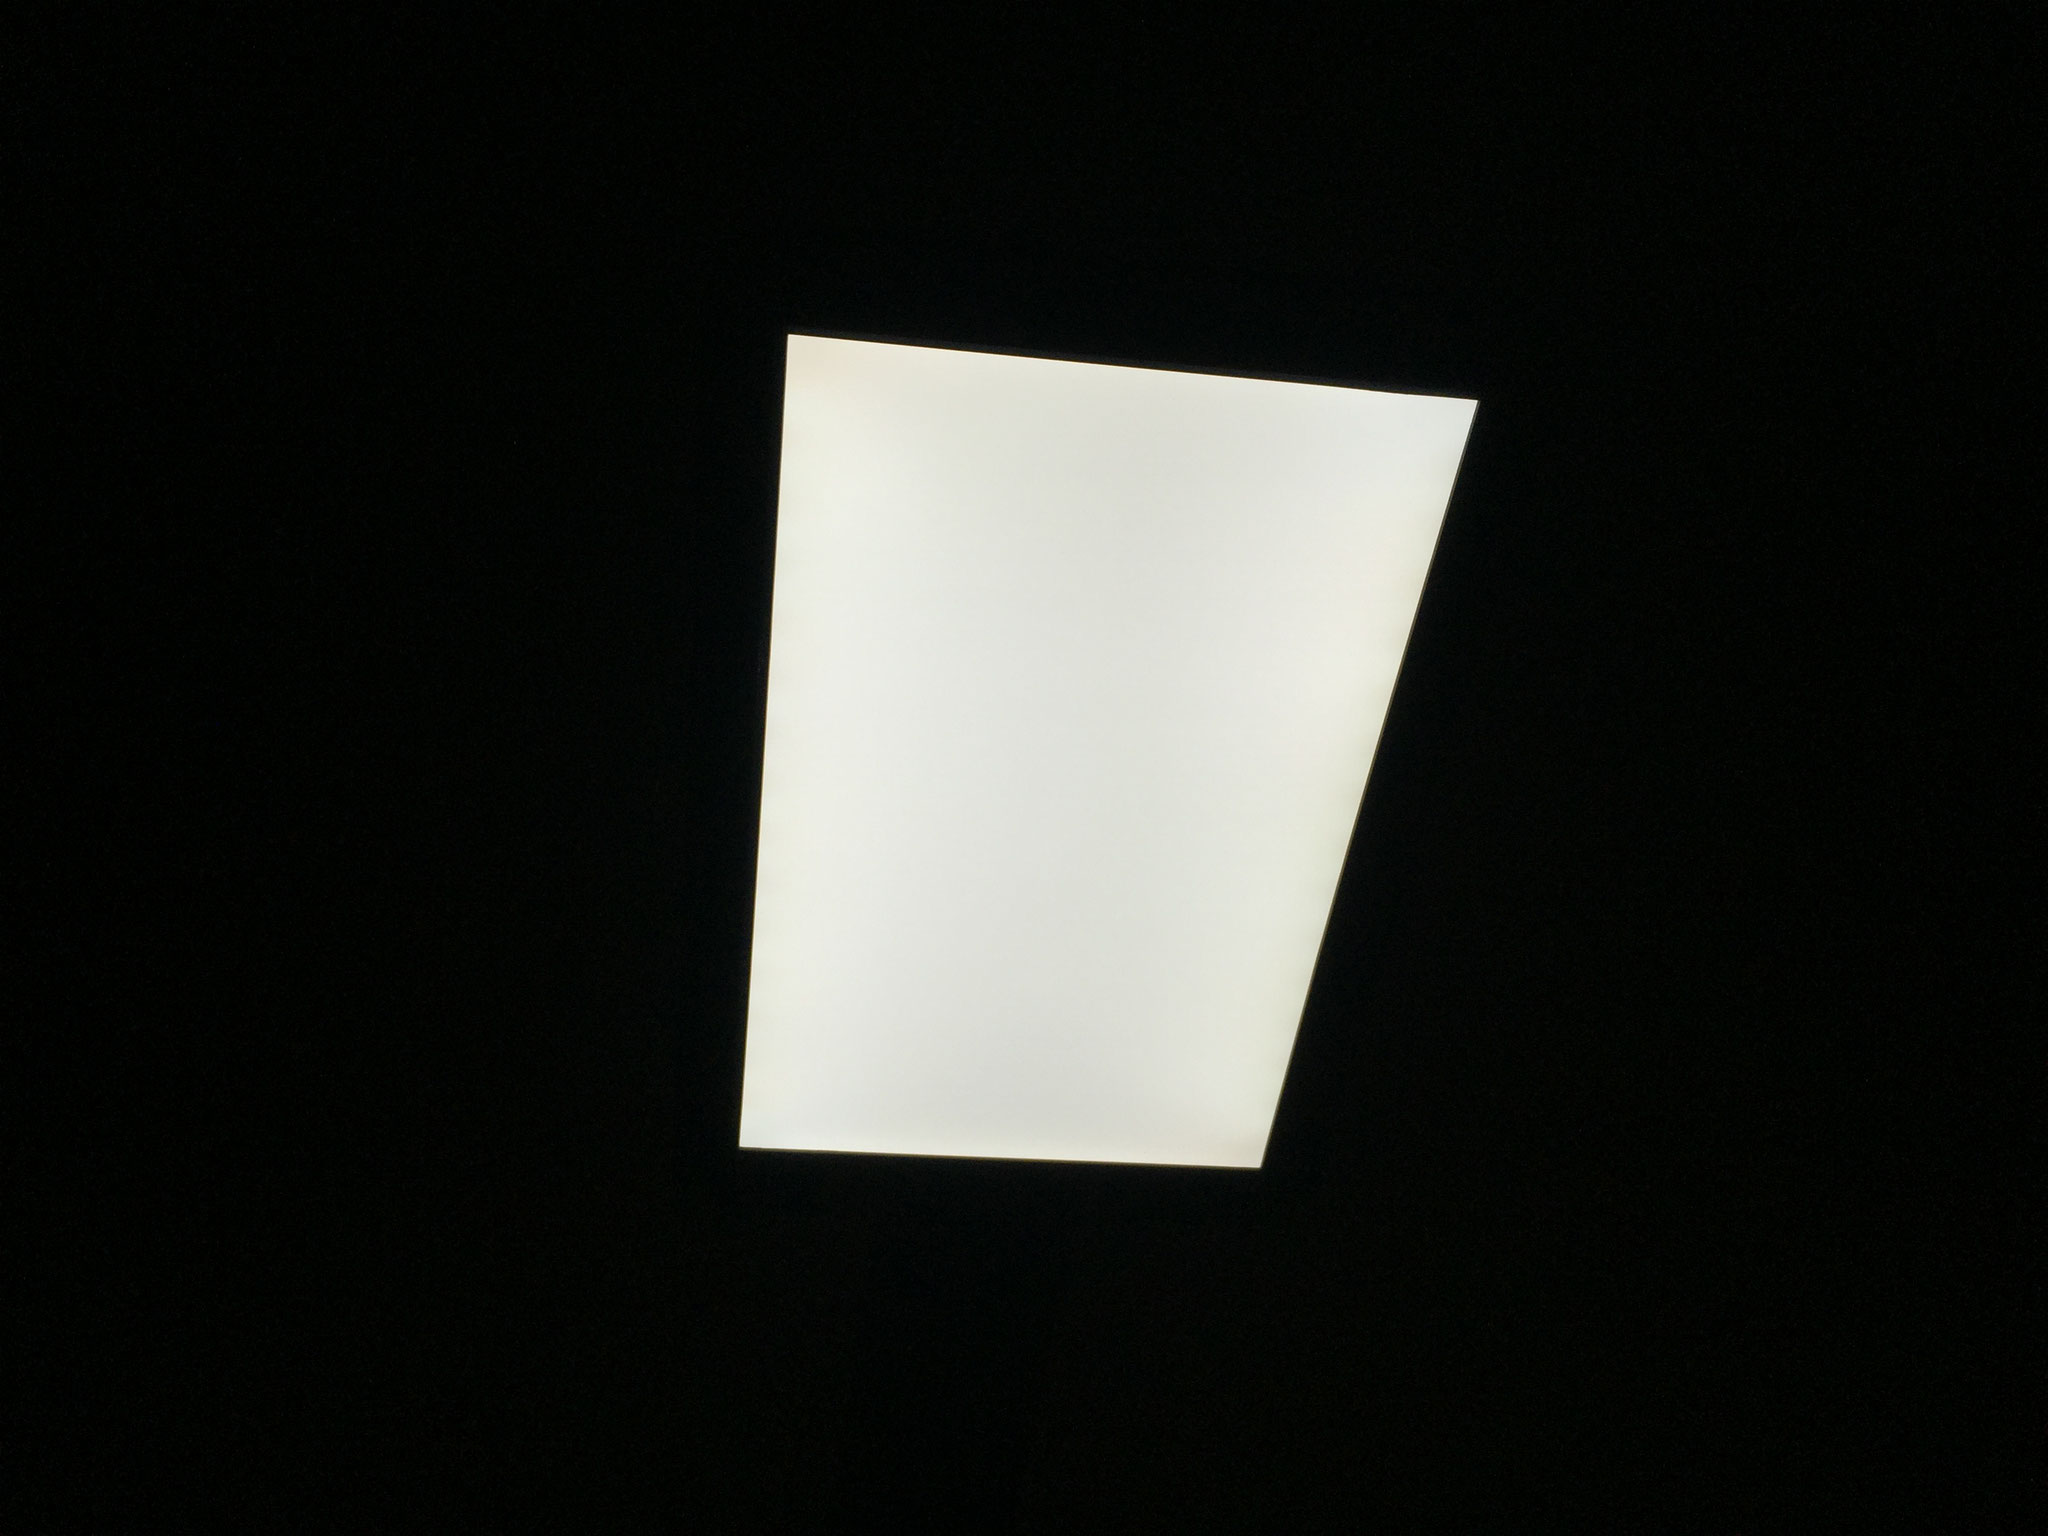 Leuchtfläche von 10x16cm